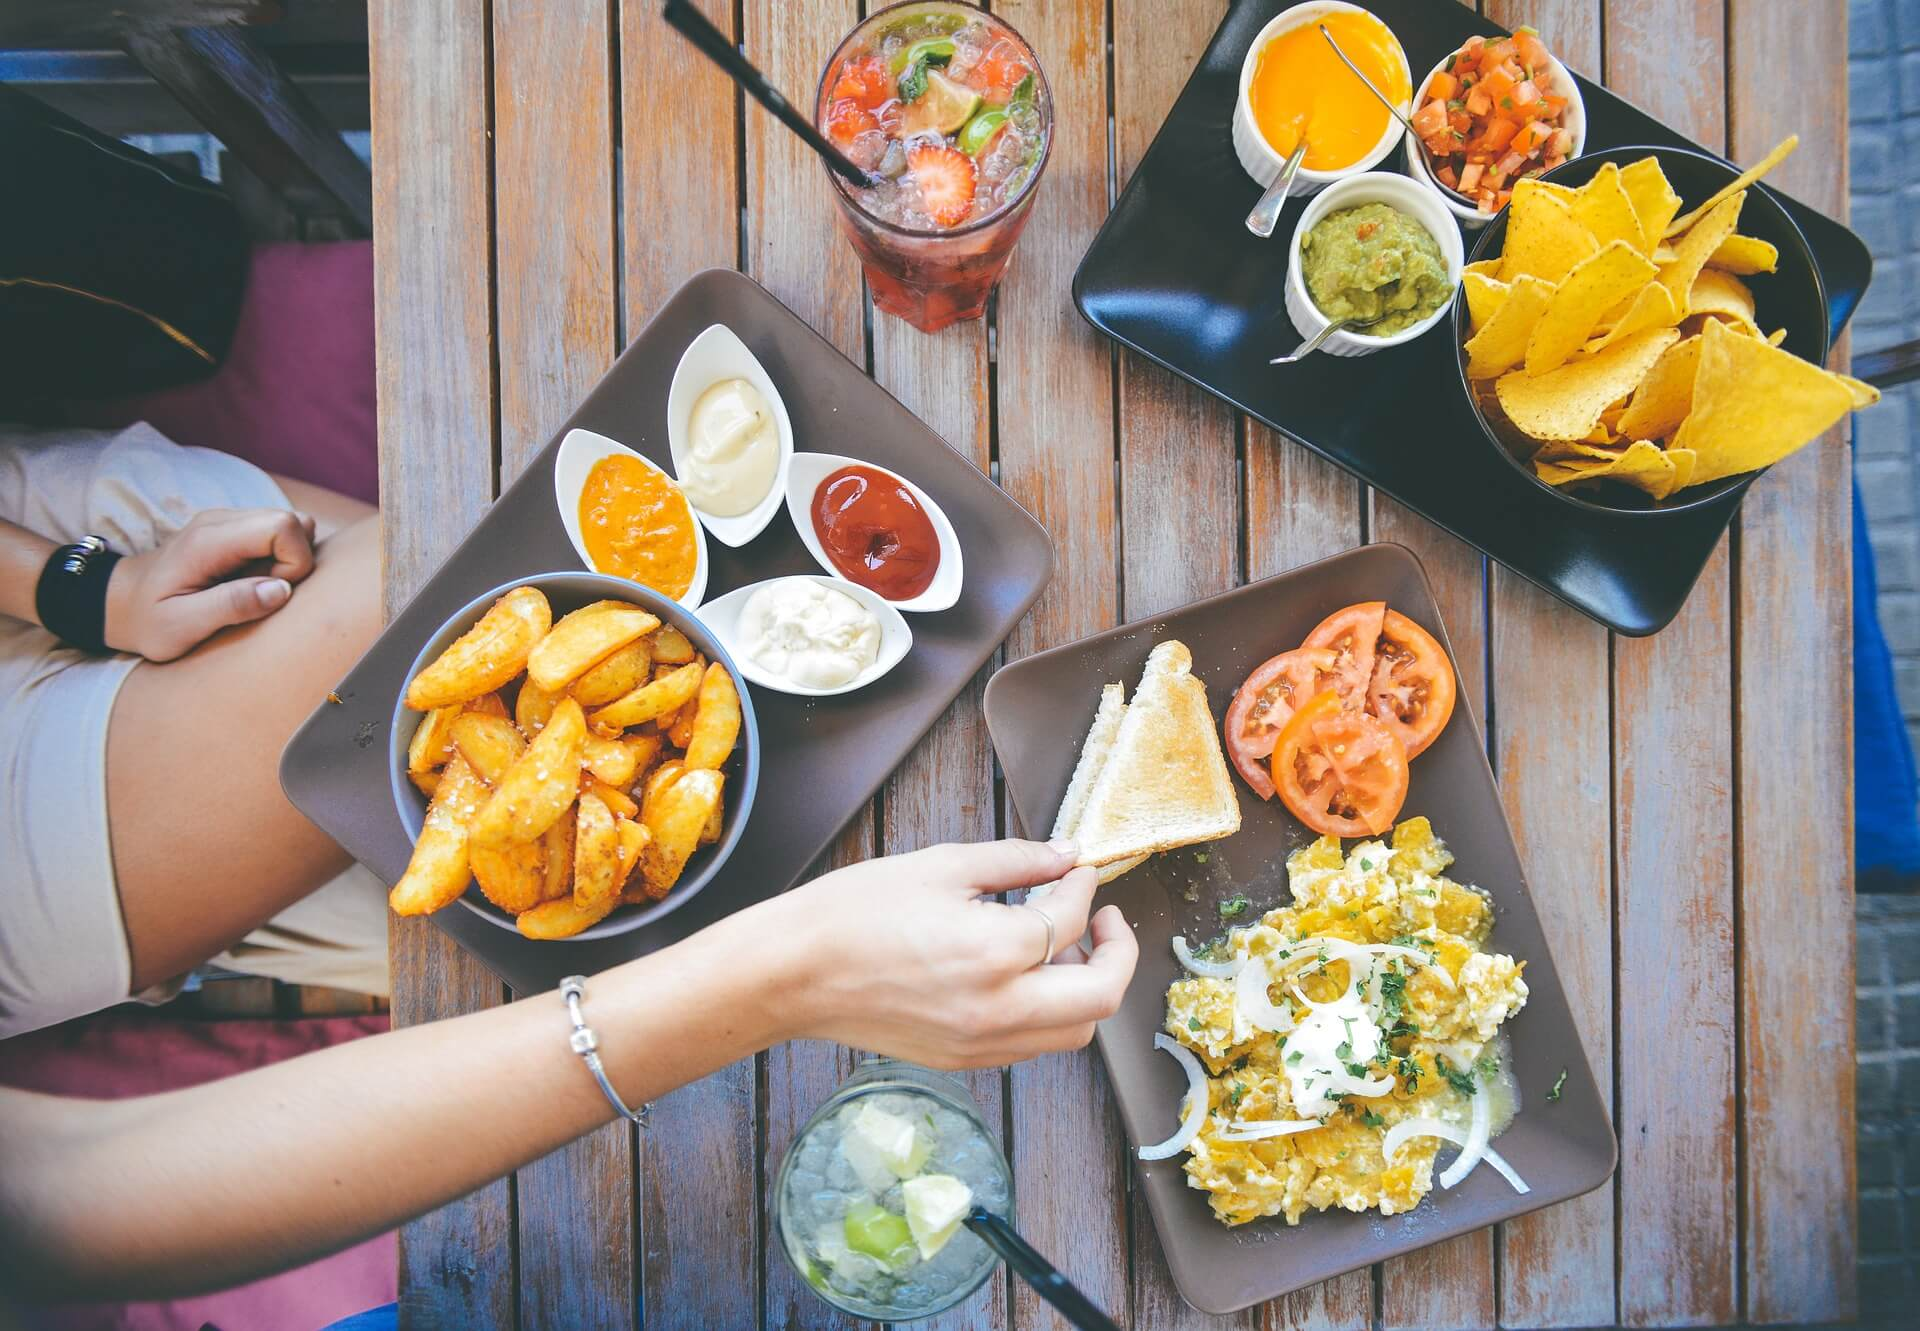 Lekker lunchen met vriendinnen hoeft niet duur te zijn